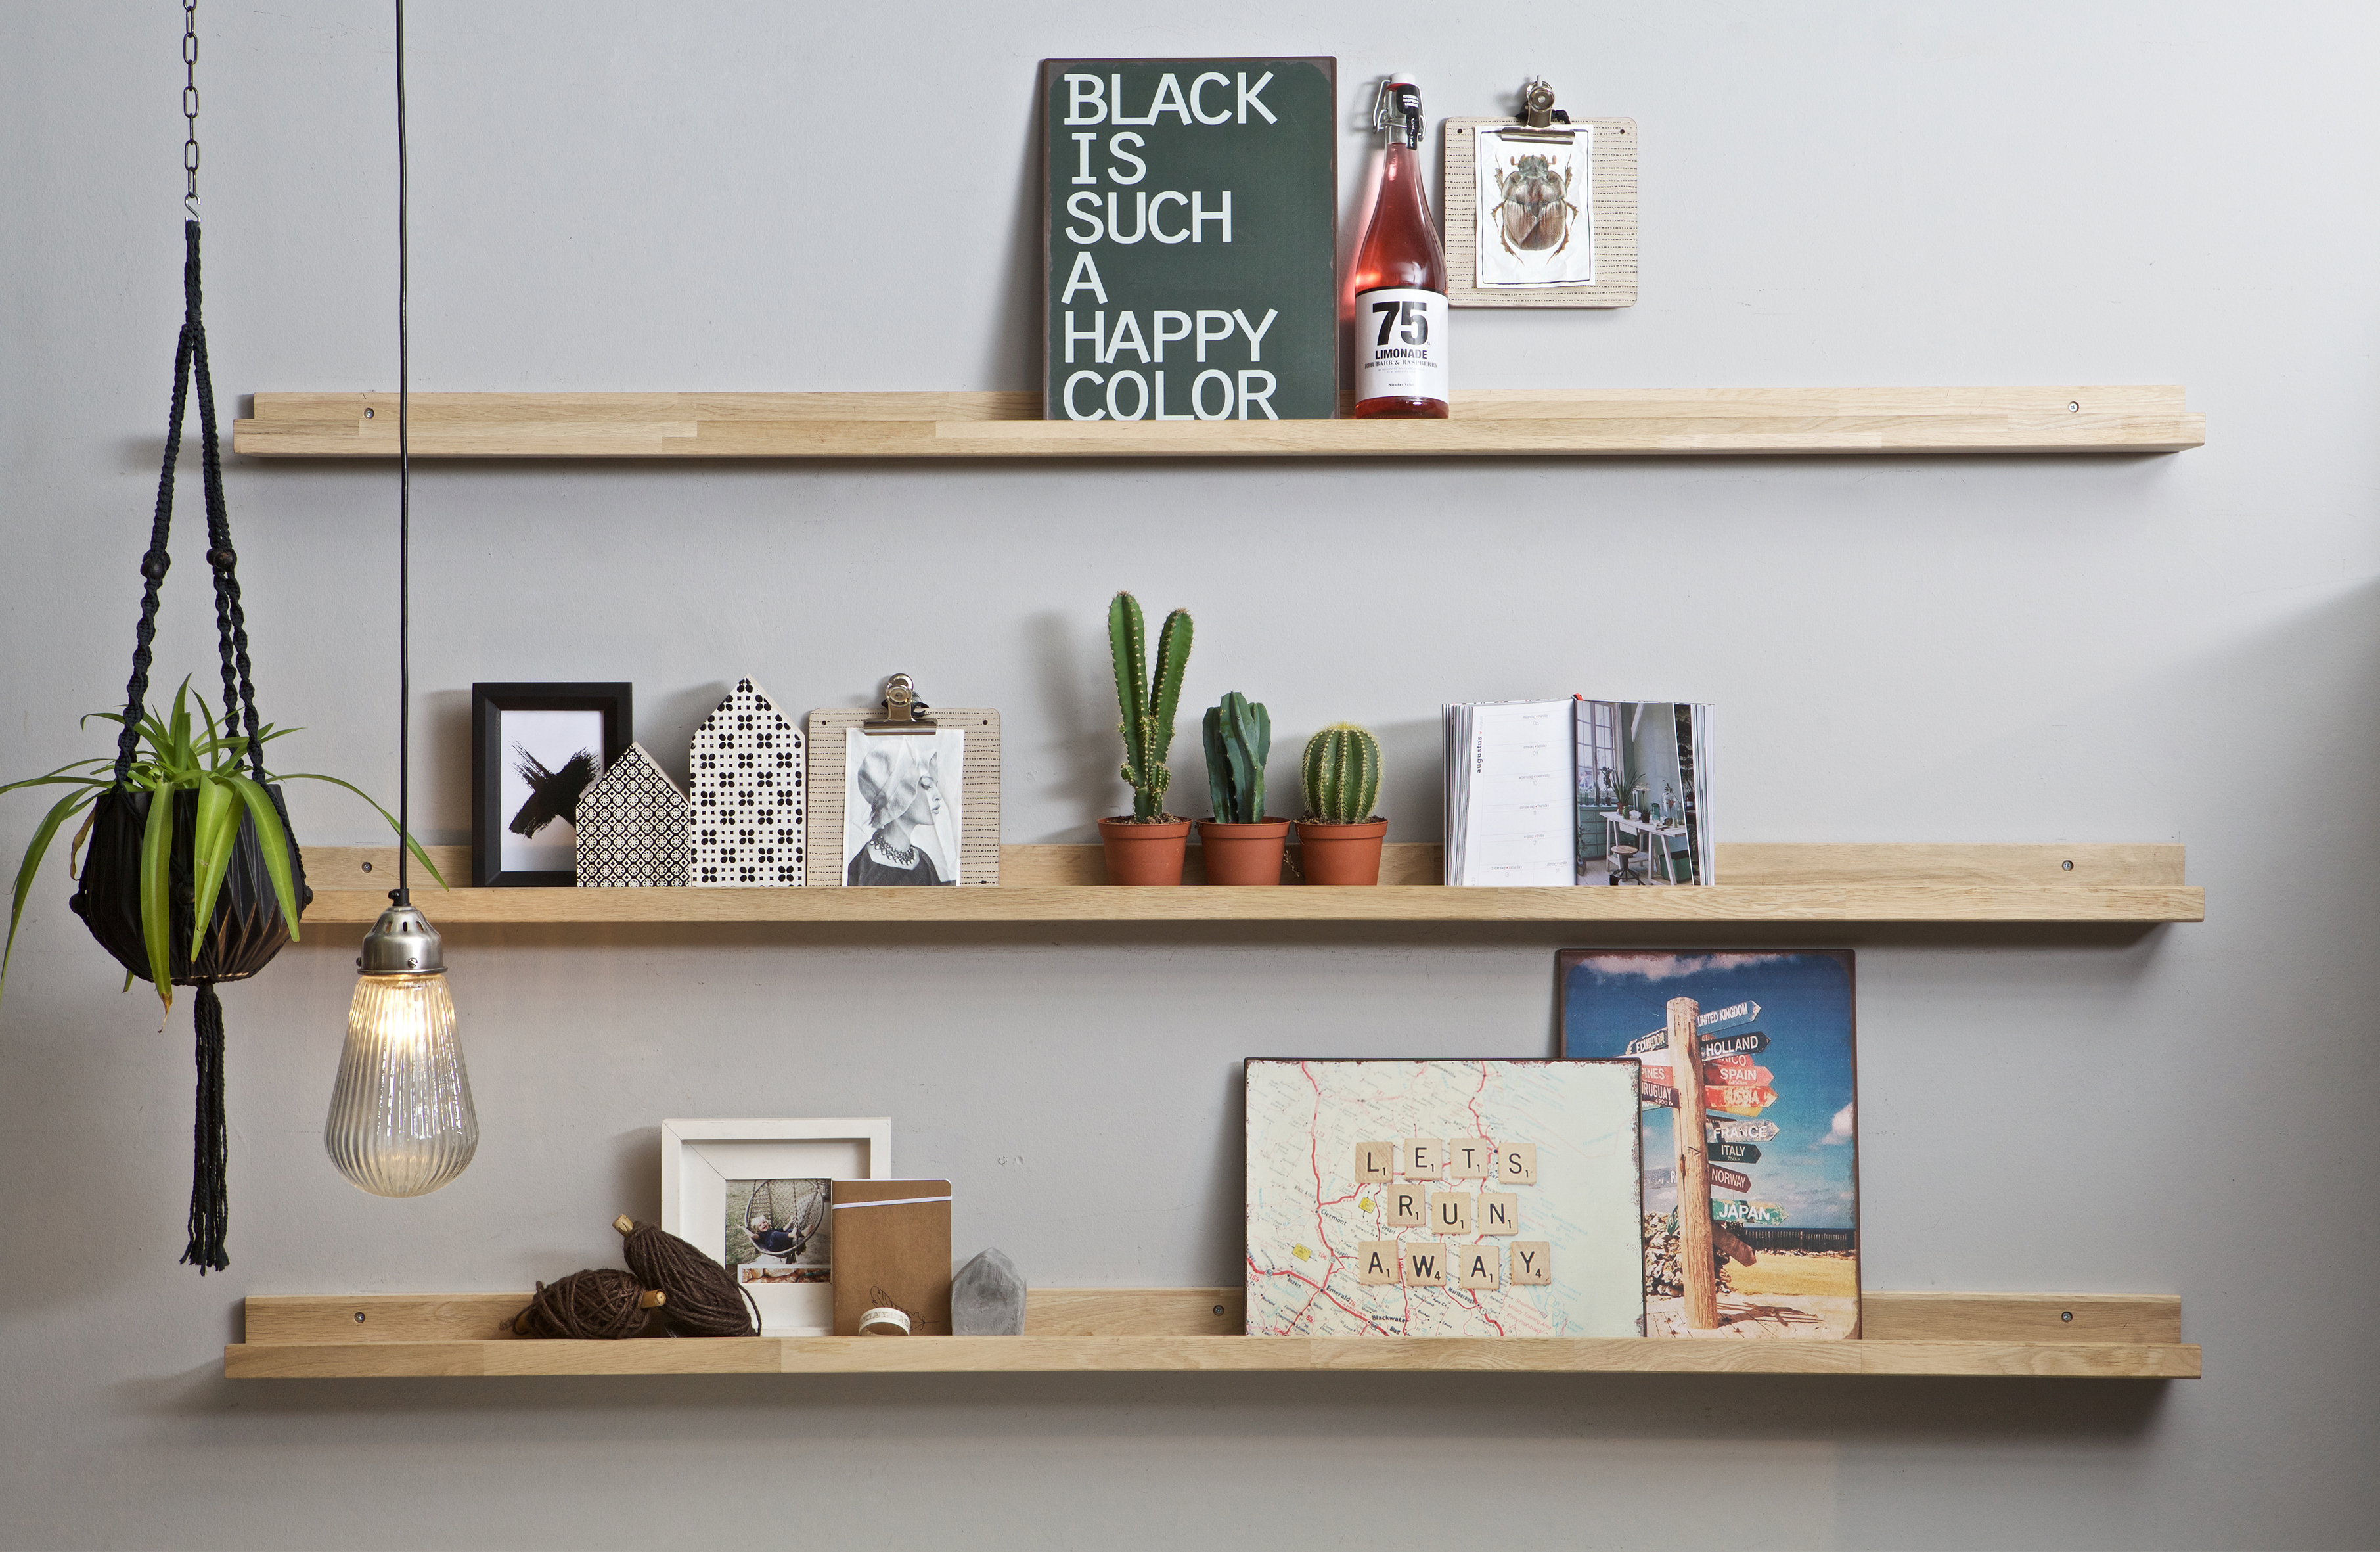 Fotoplank 170 Cm Wit.Vtwonen Photoframe Shelf Oak 170cm Accessoires Deco De